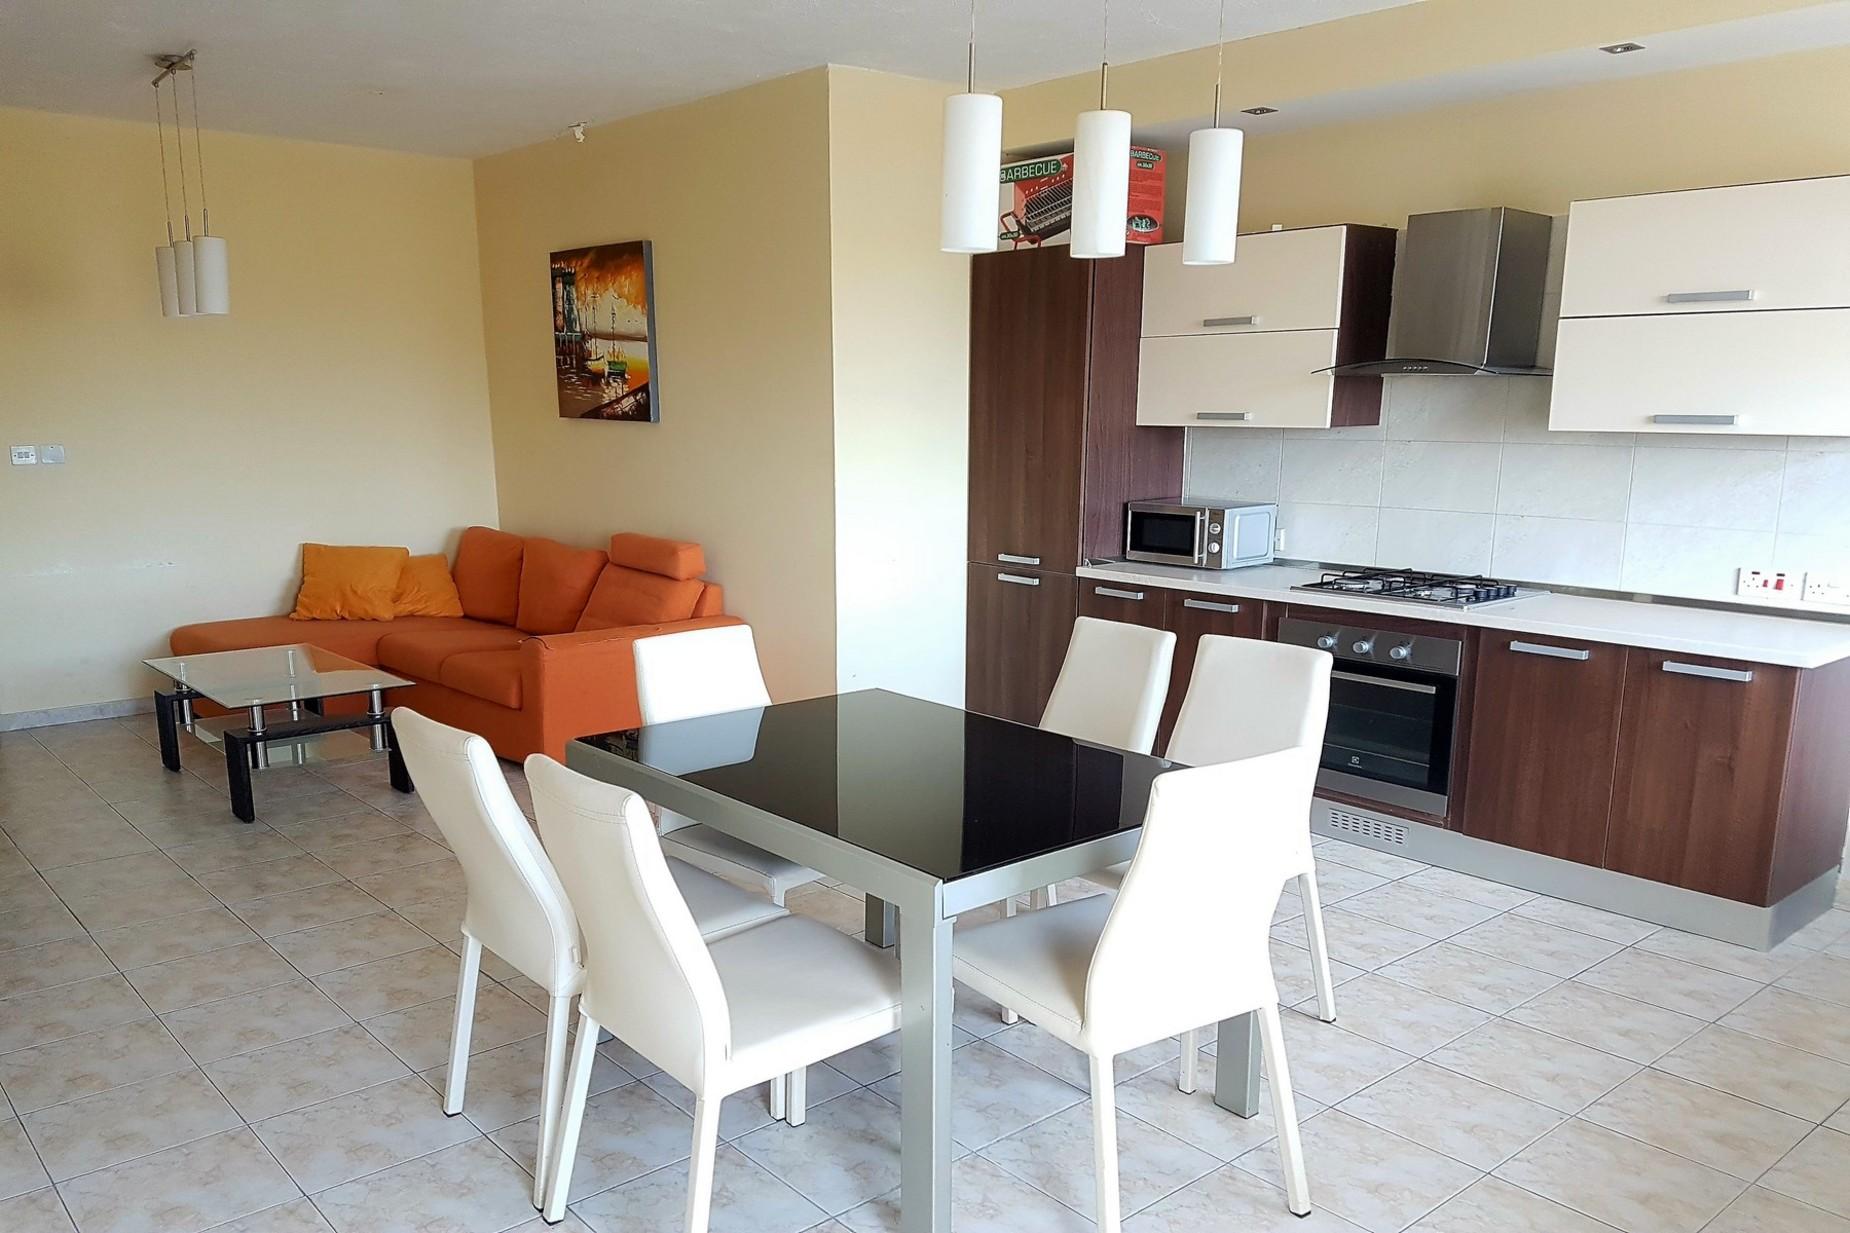 3 bed Apartment For Rent in Gzira, Gzira - thumb 3